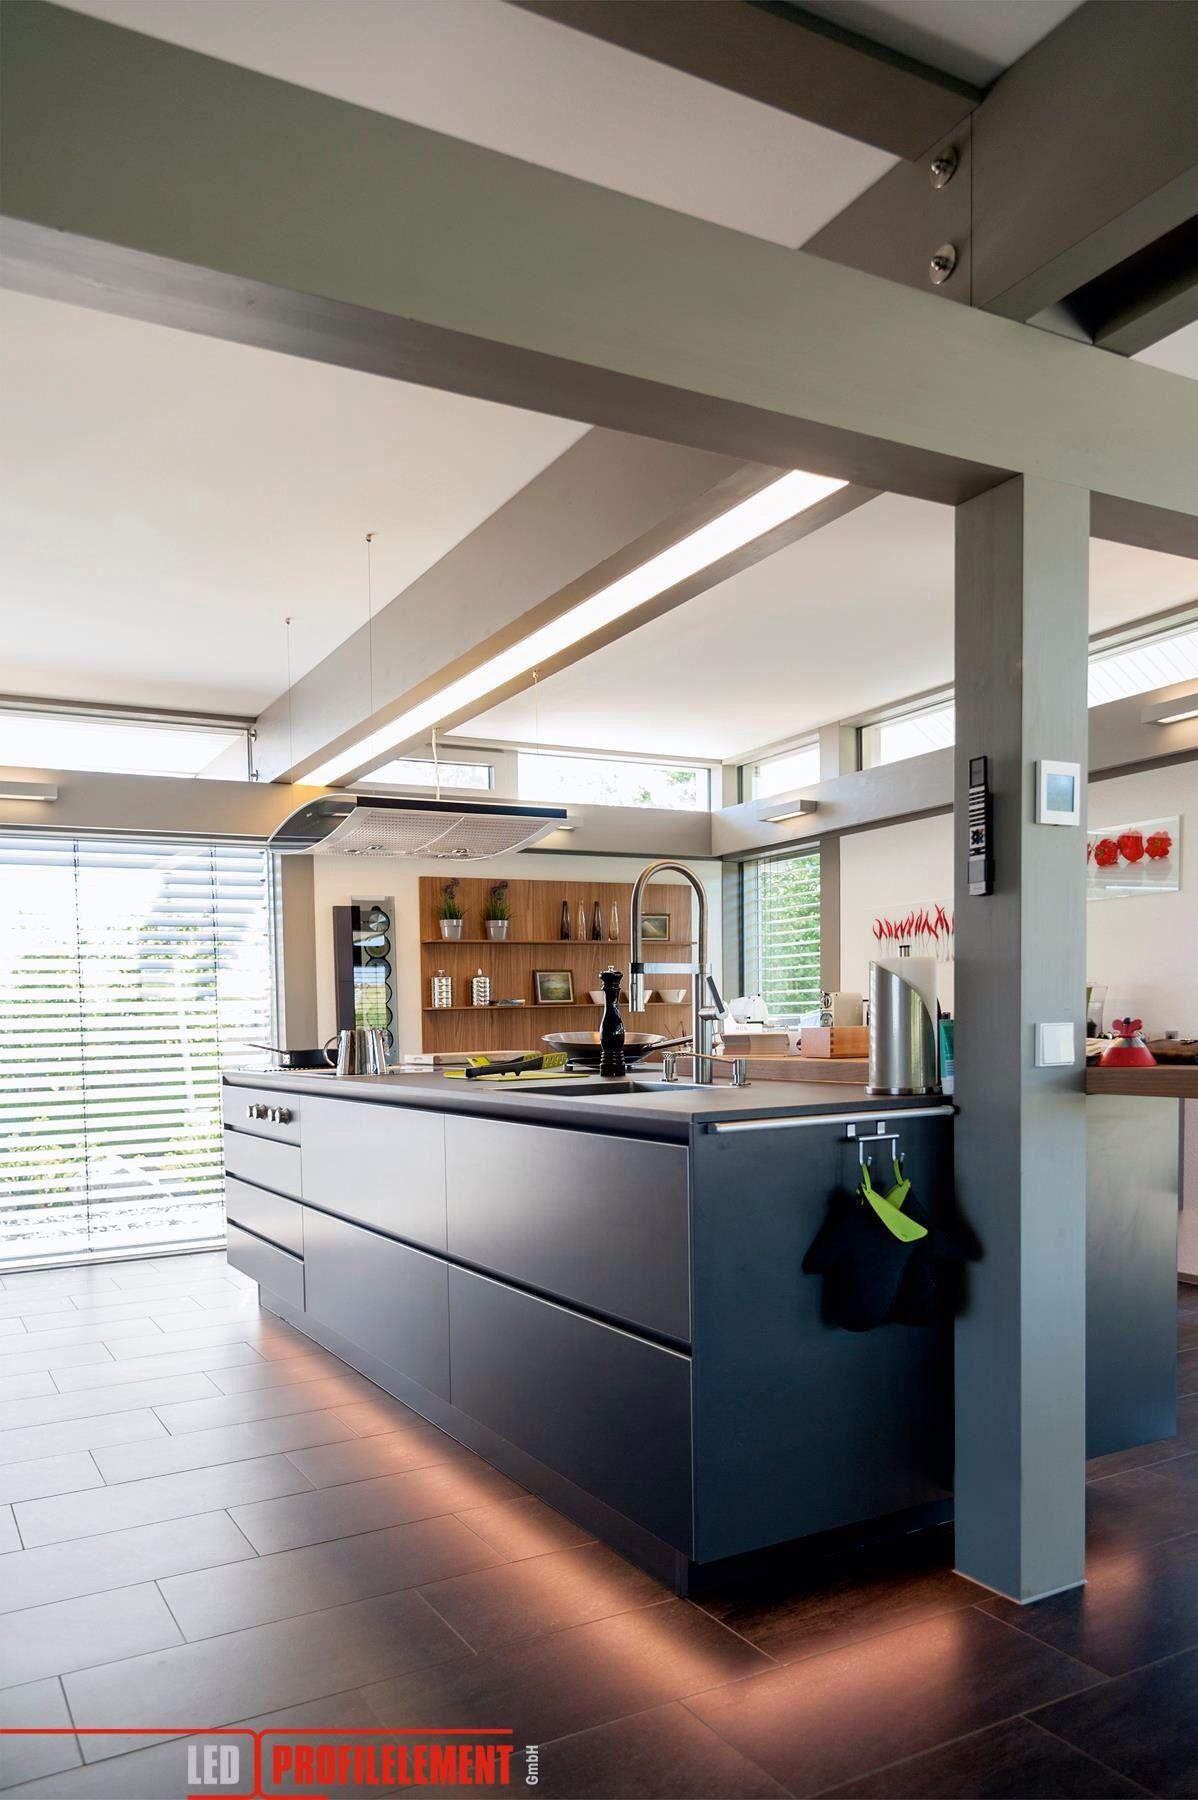 Huf Haus   Light   Pinterest   Haus innenräume, Moderne häuser und ...